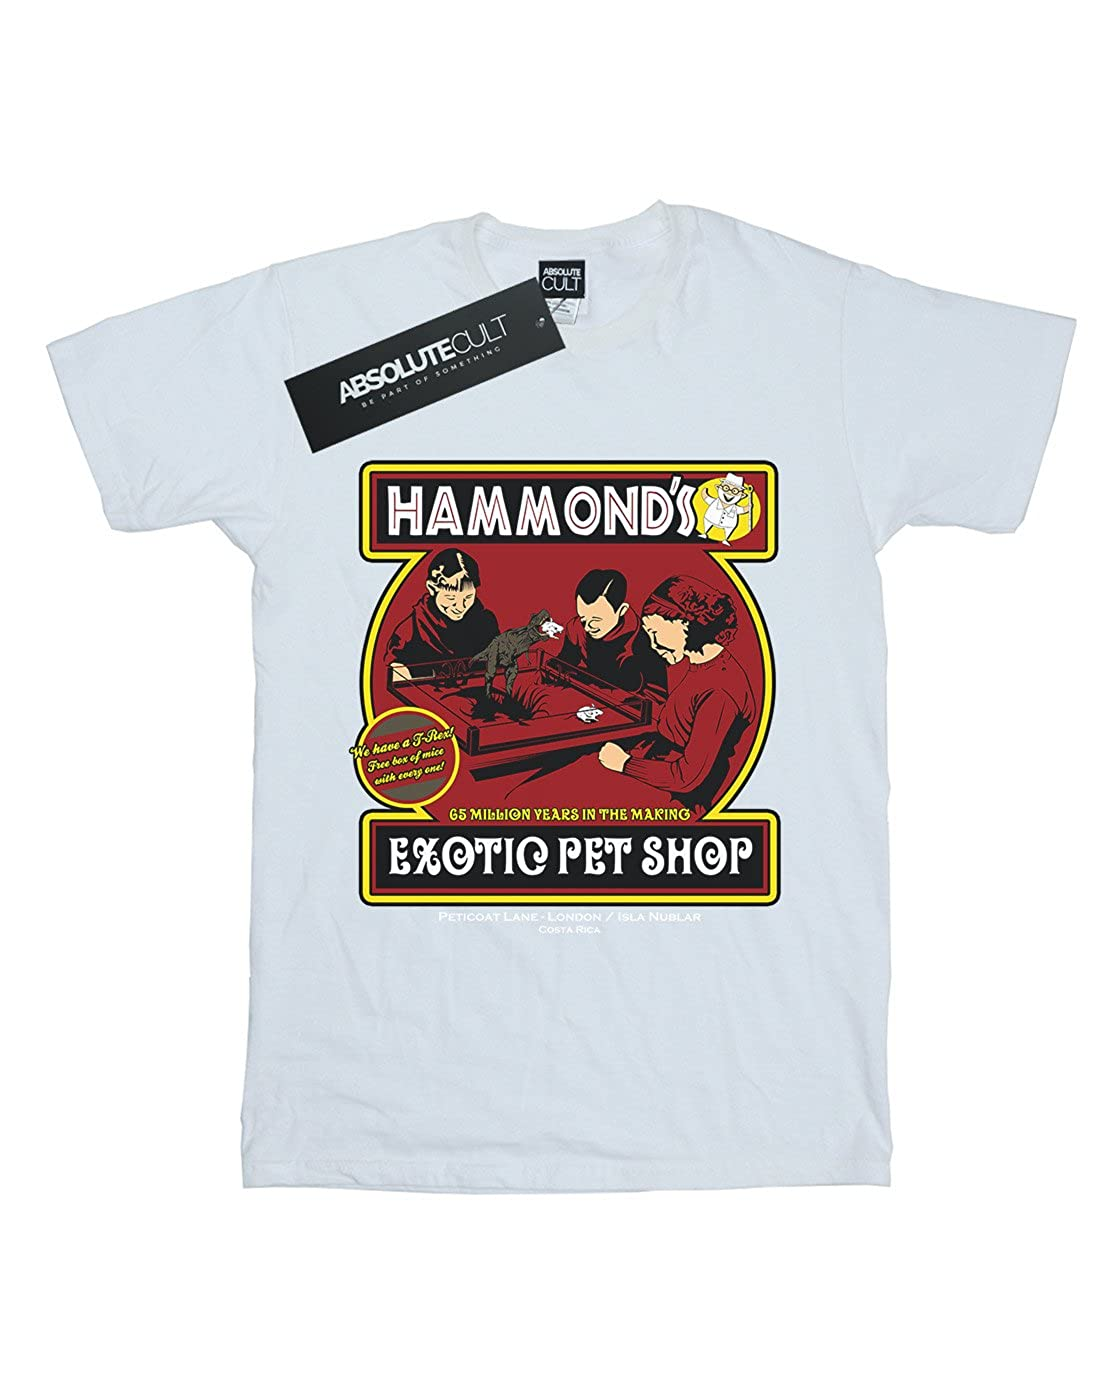 Alex Chenery Mujer Hammonds Pet Shop Camiseta del Novio Fit: Amazon.es: Ropa y accesorios